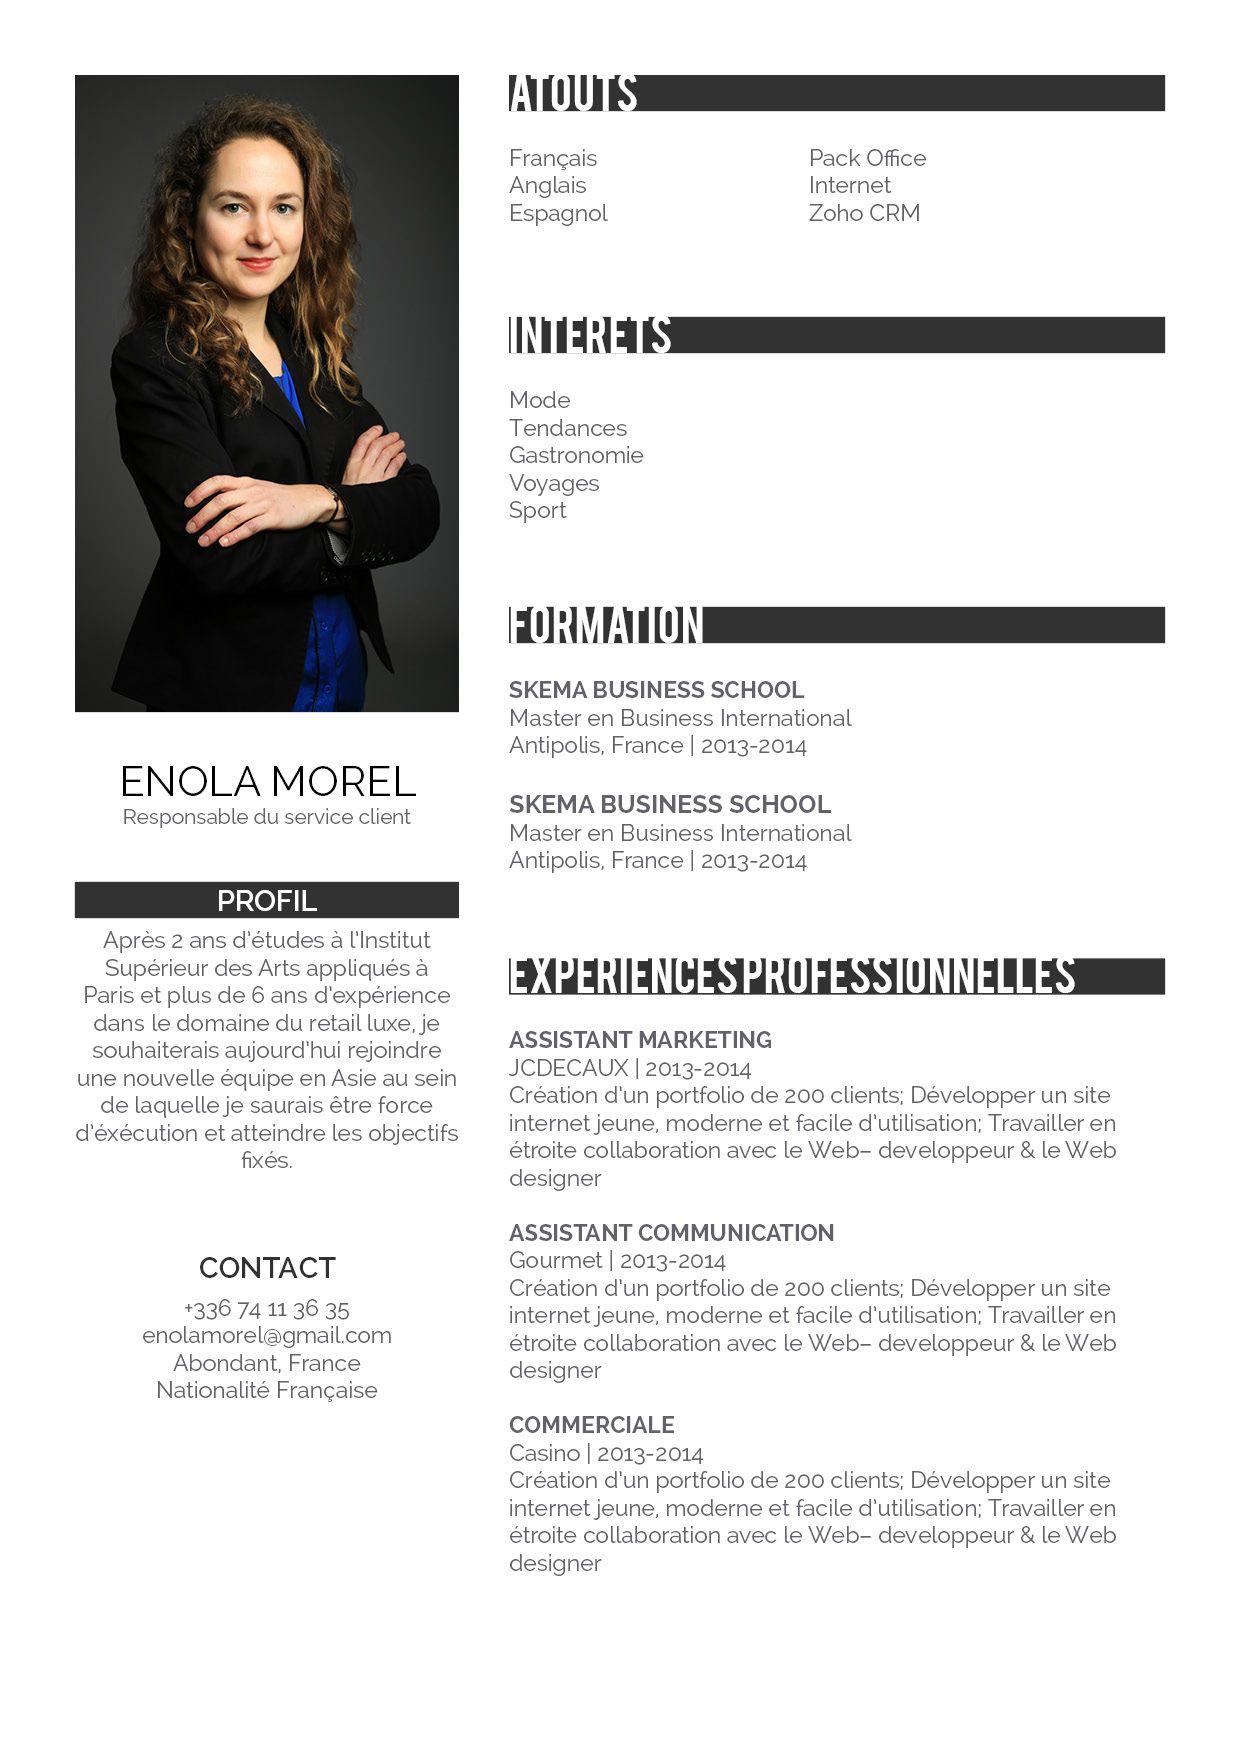 Attentif Un CV très professionnel, dans les standards